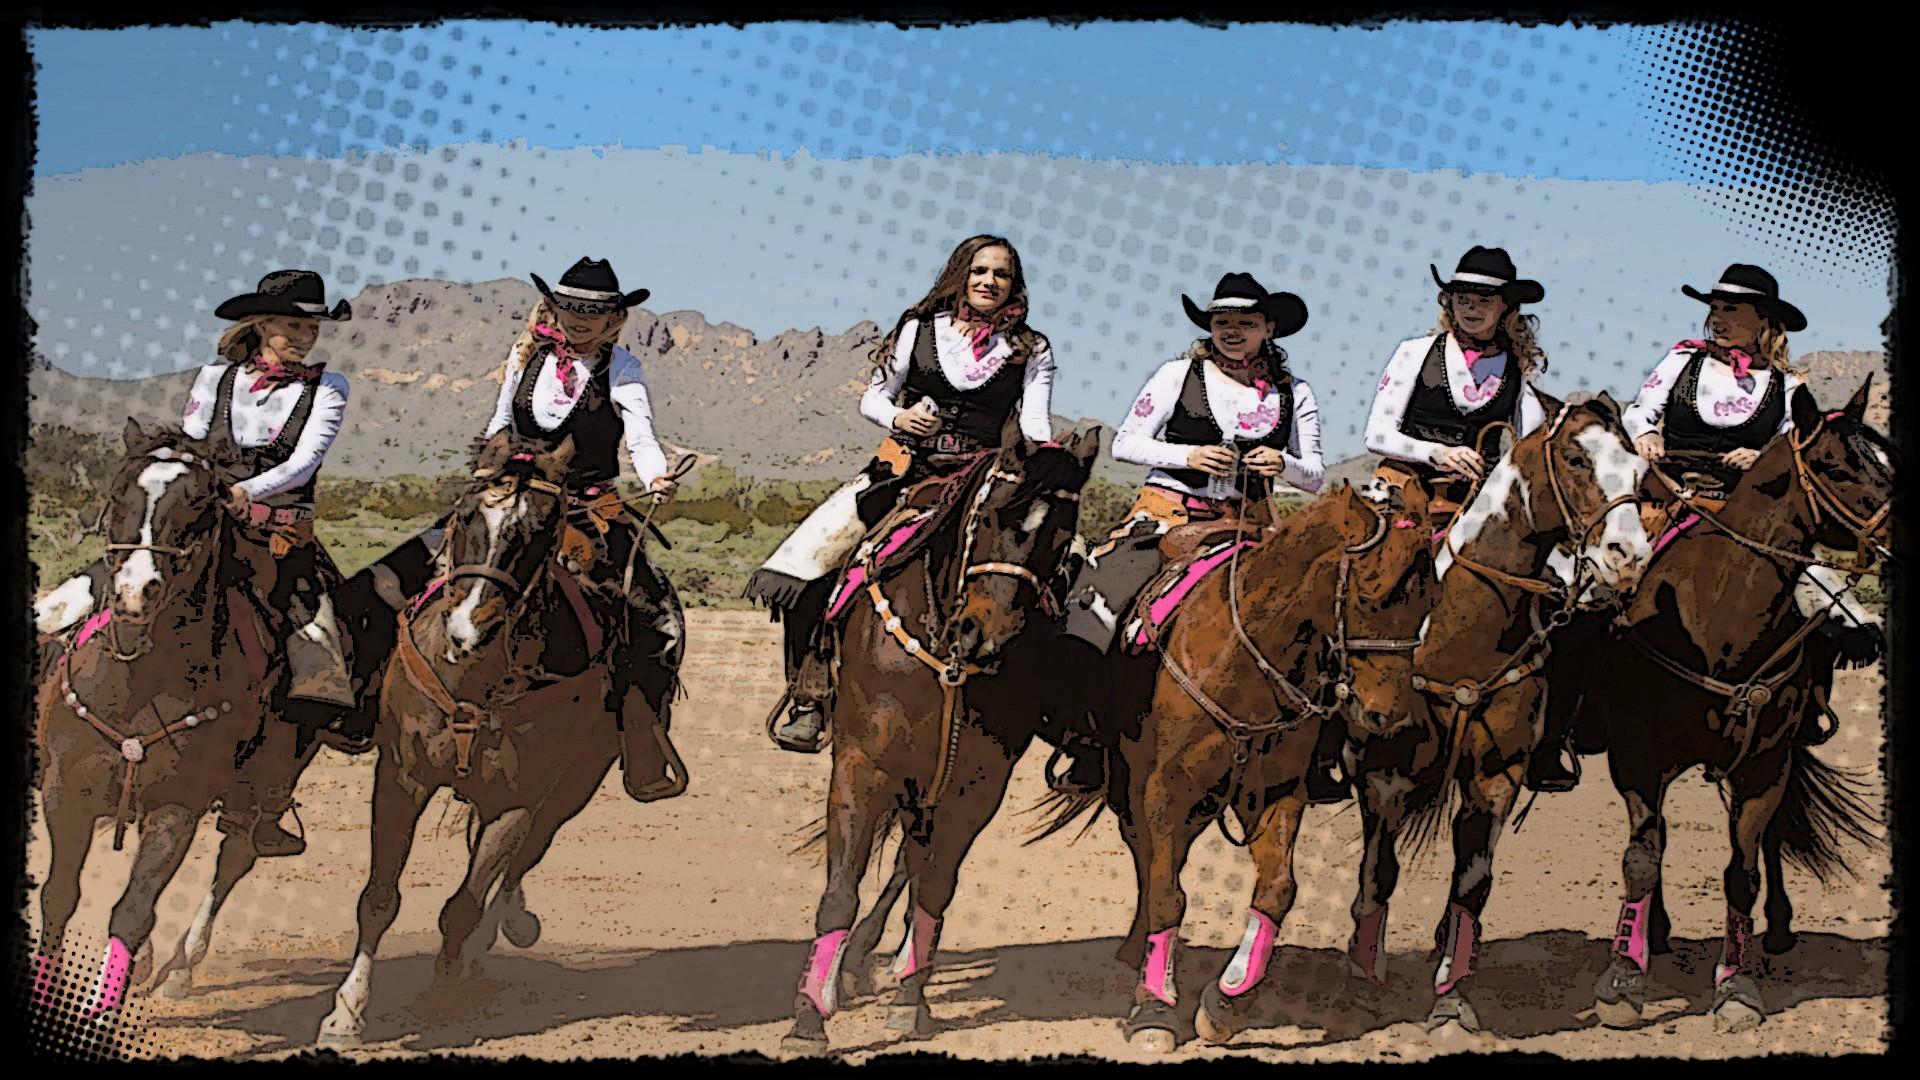 Sfondi donne cavallo cartone animato fantino pop art